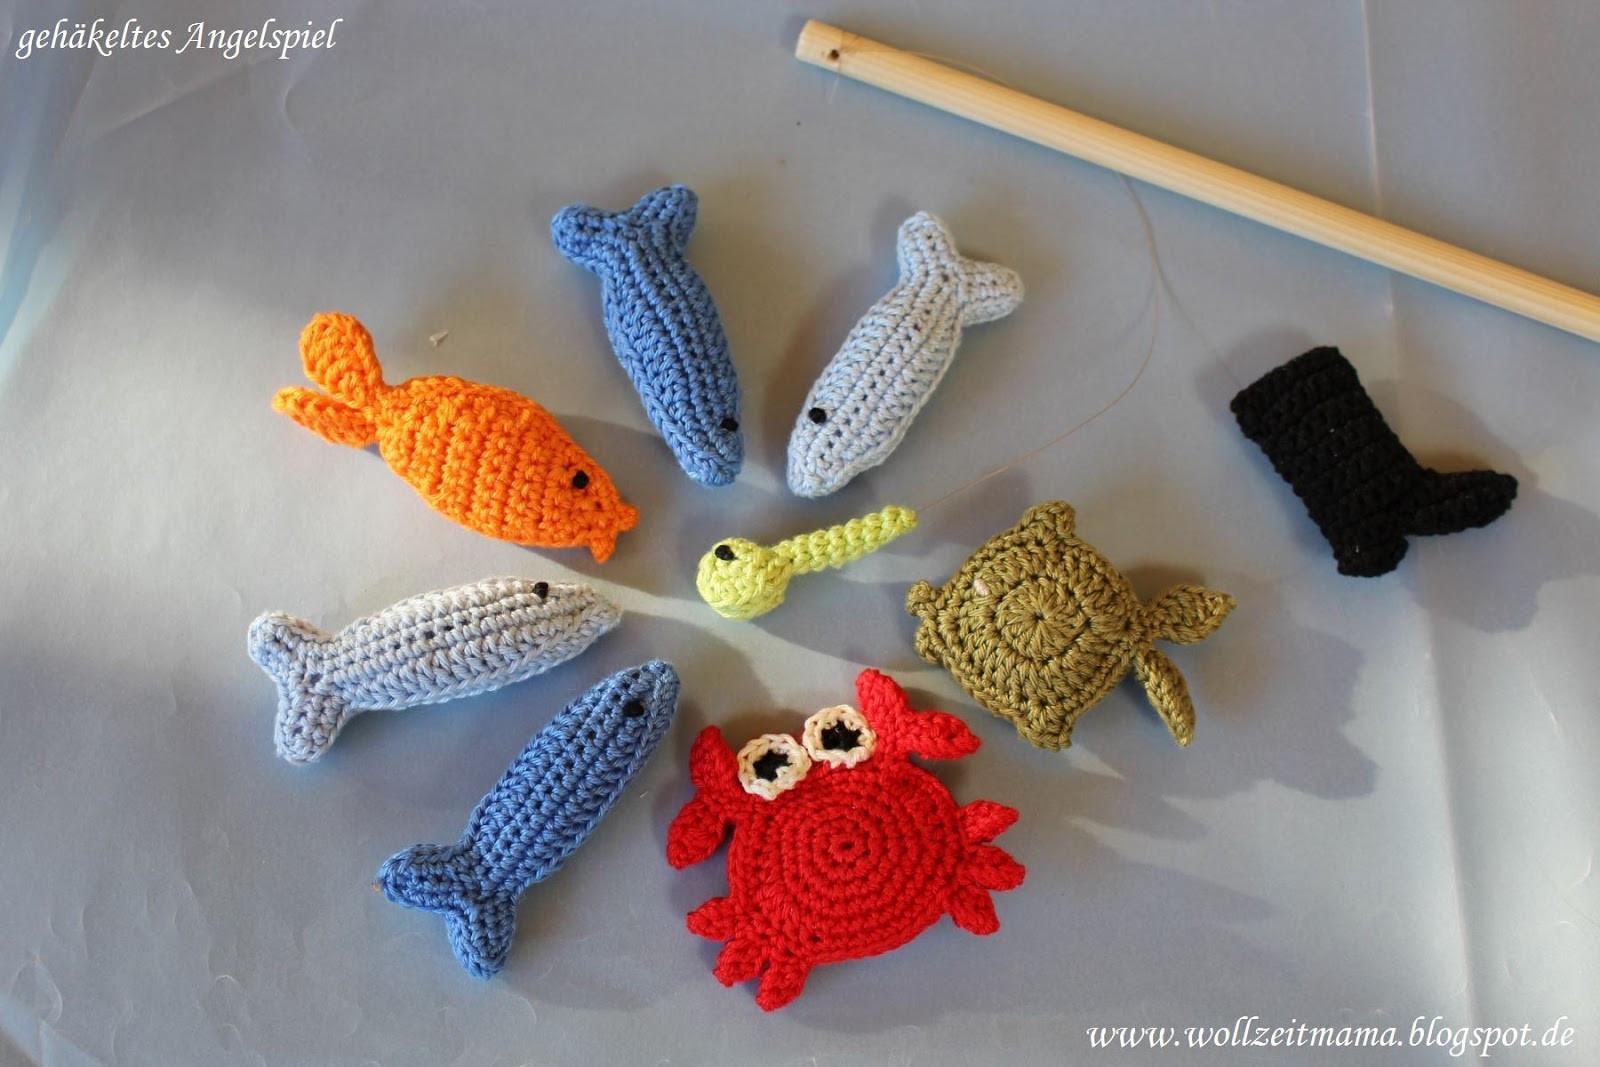 Diy Für Kinder  Wollzeitmama DIY Angelspiel für Kinder häkeln